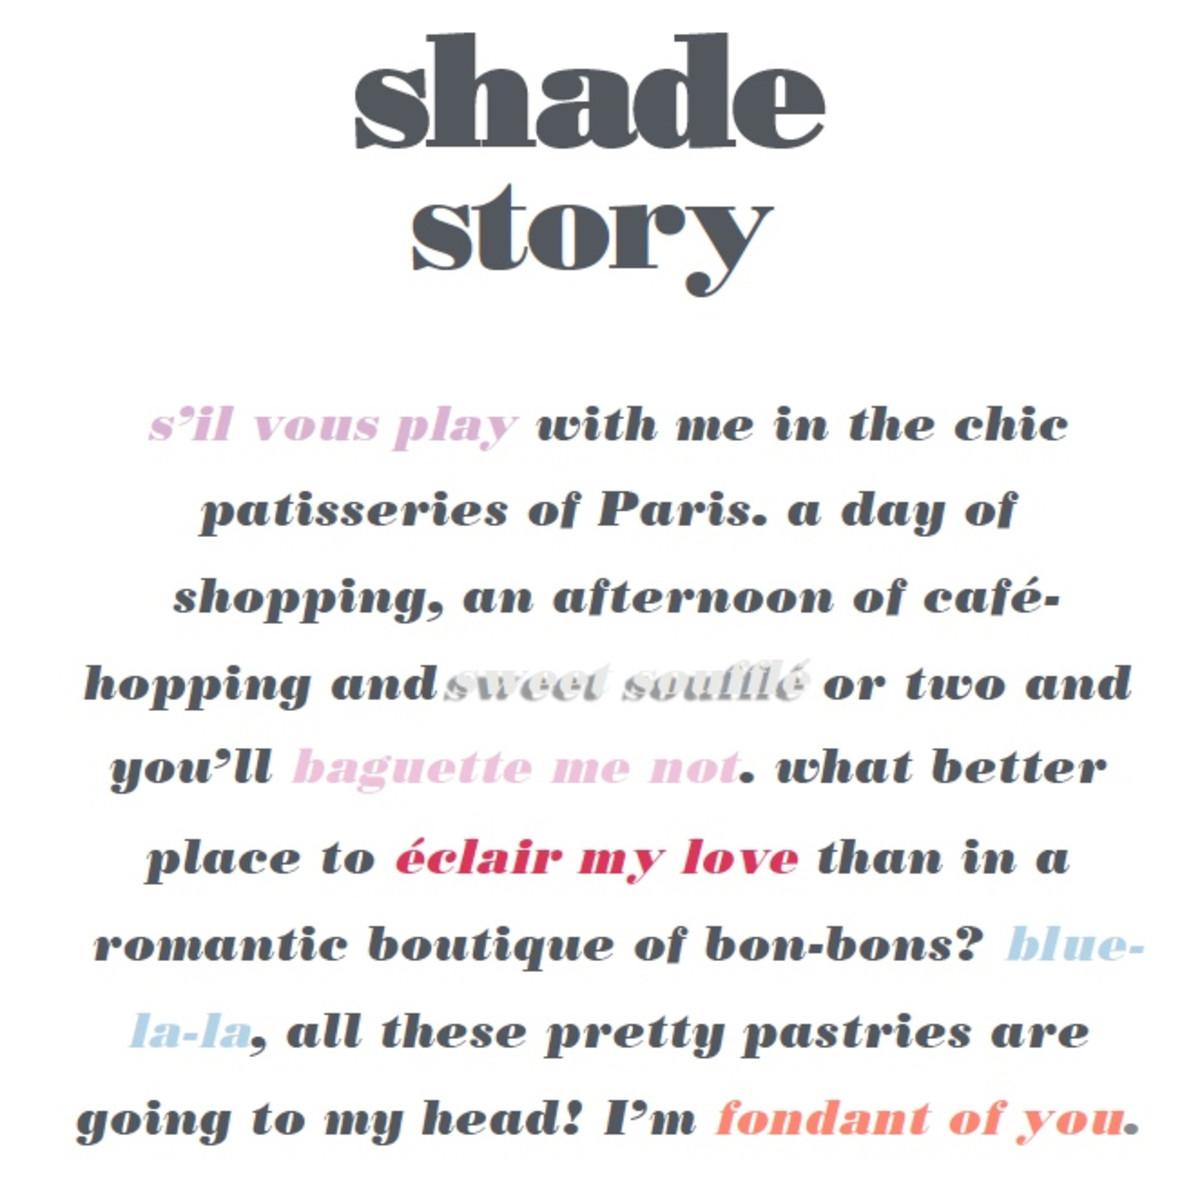 Essie Summer 2017 Shade Story